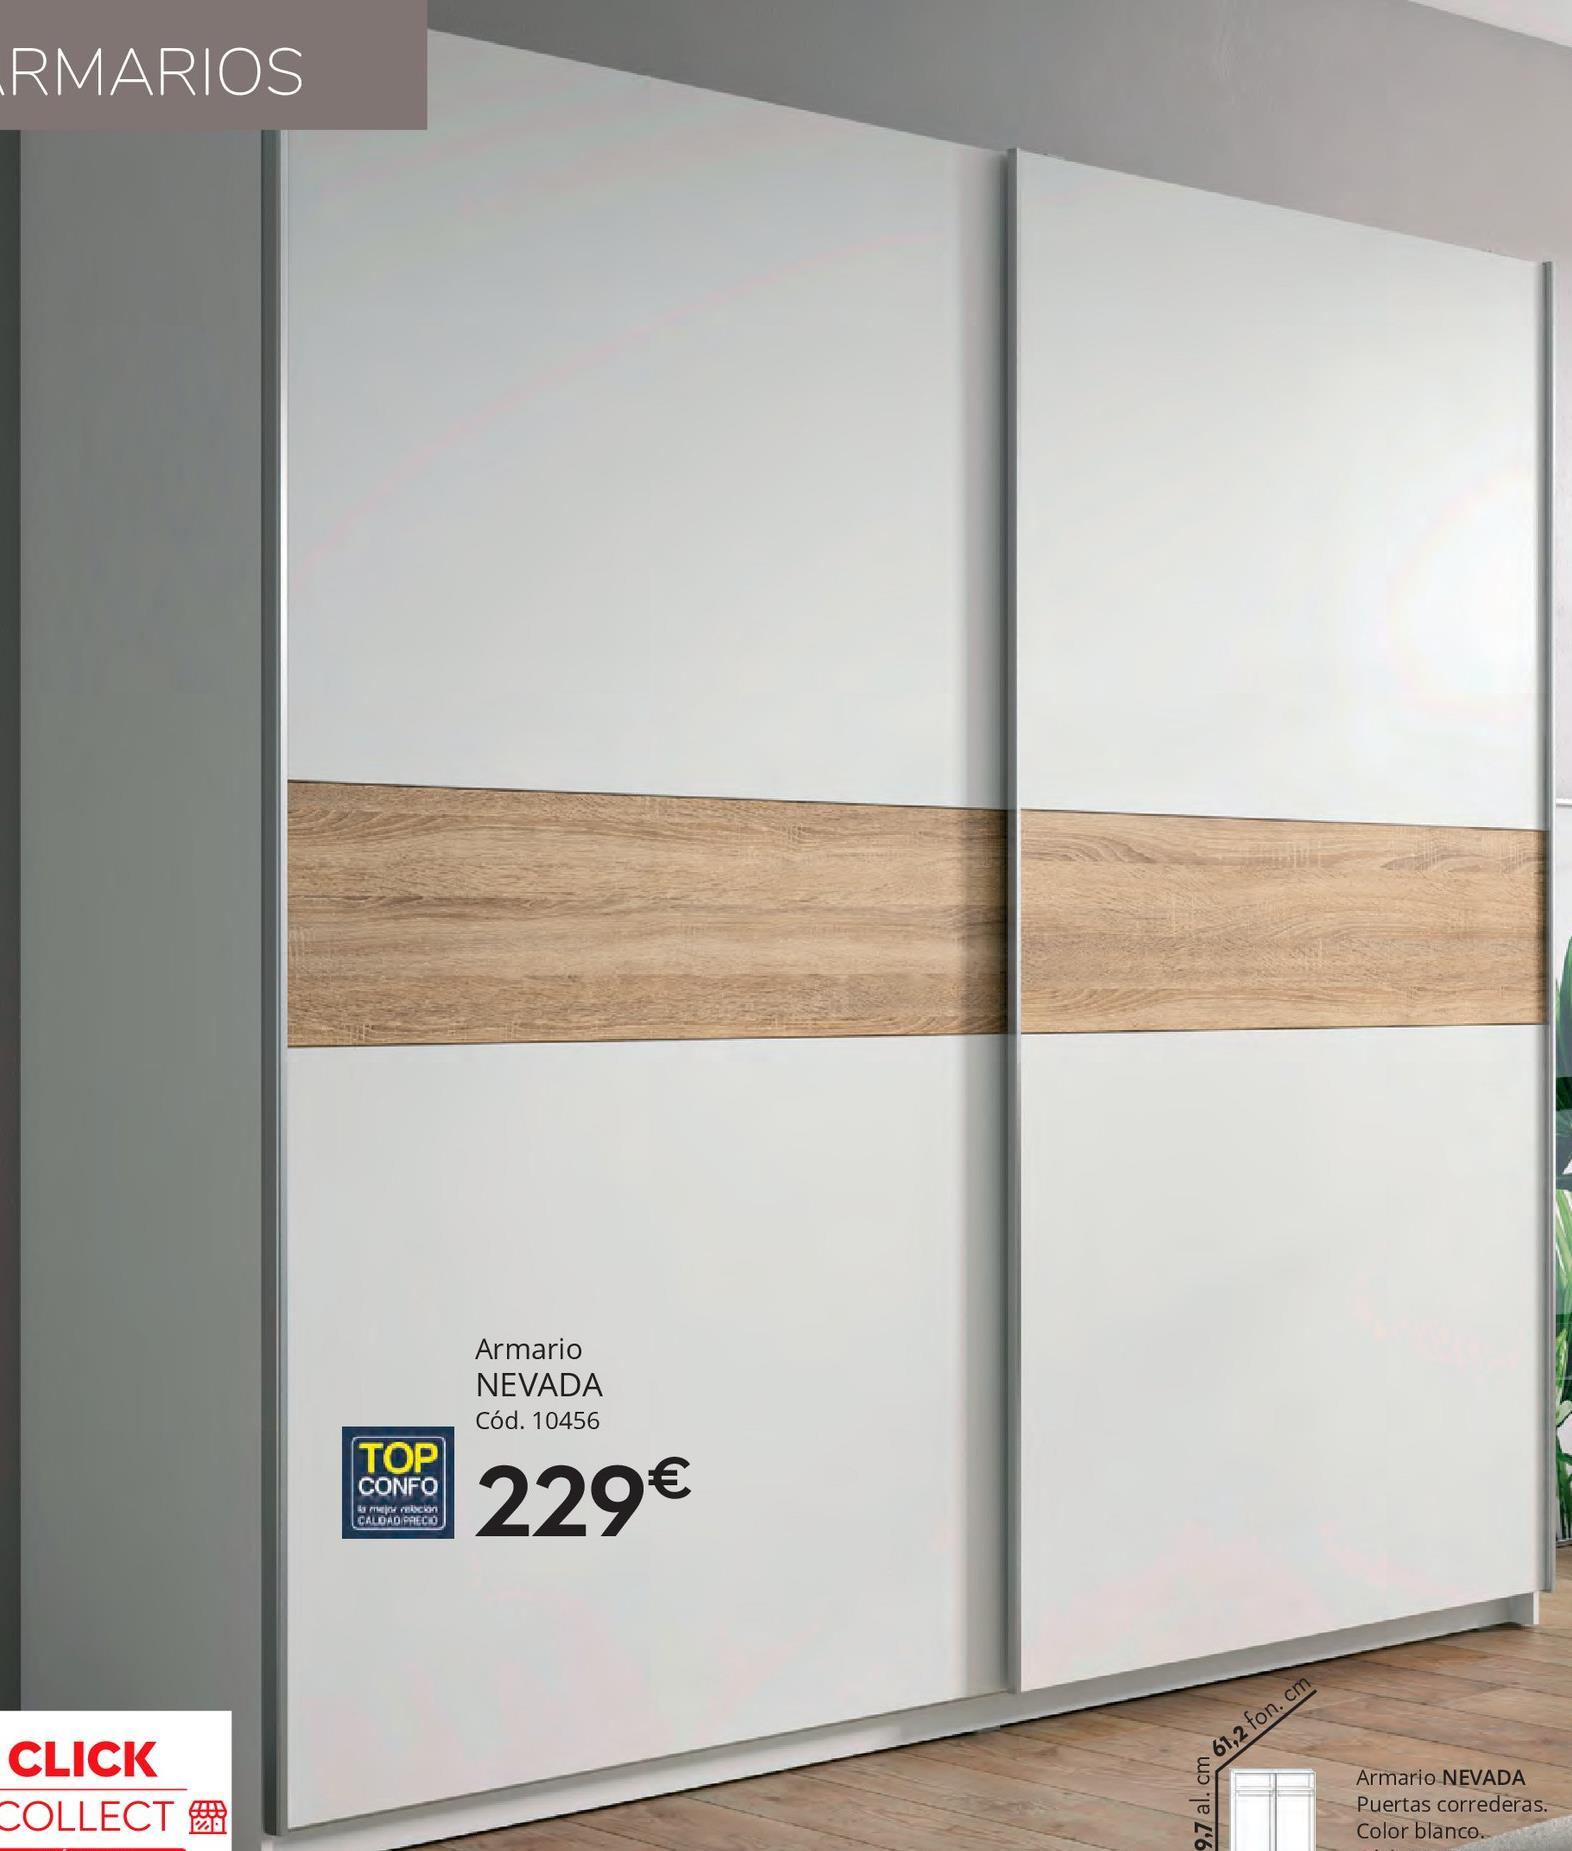 Comprar Puertas Con Promociones Y CorrederasOfertas Armario lZTwiuPkOX